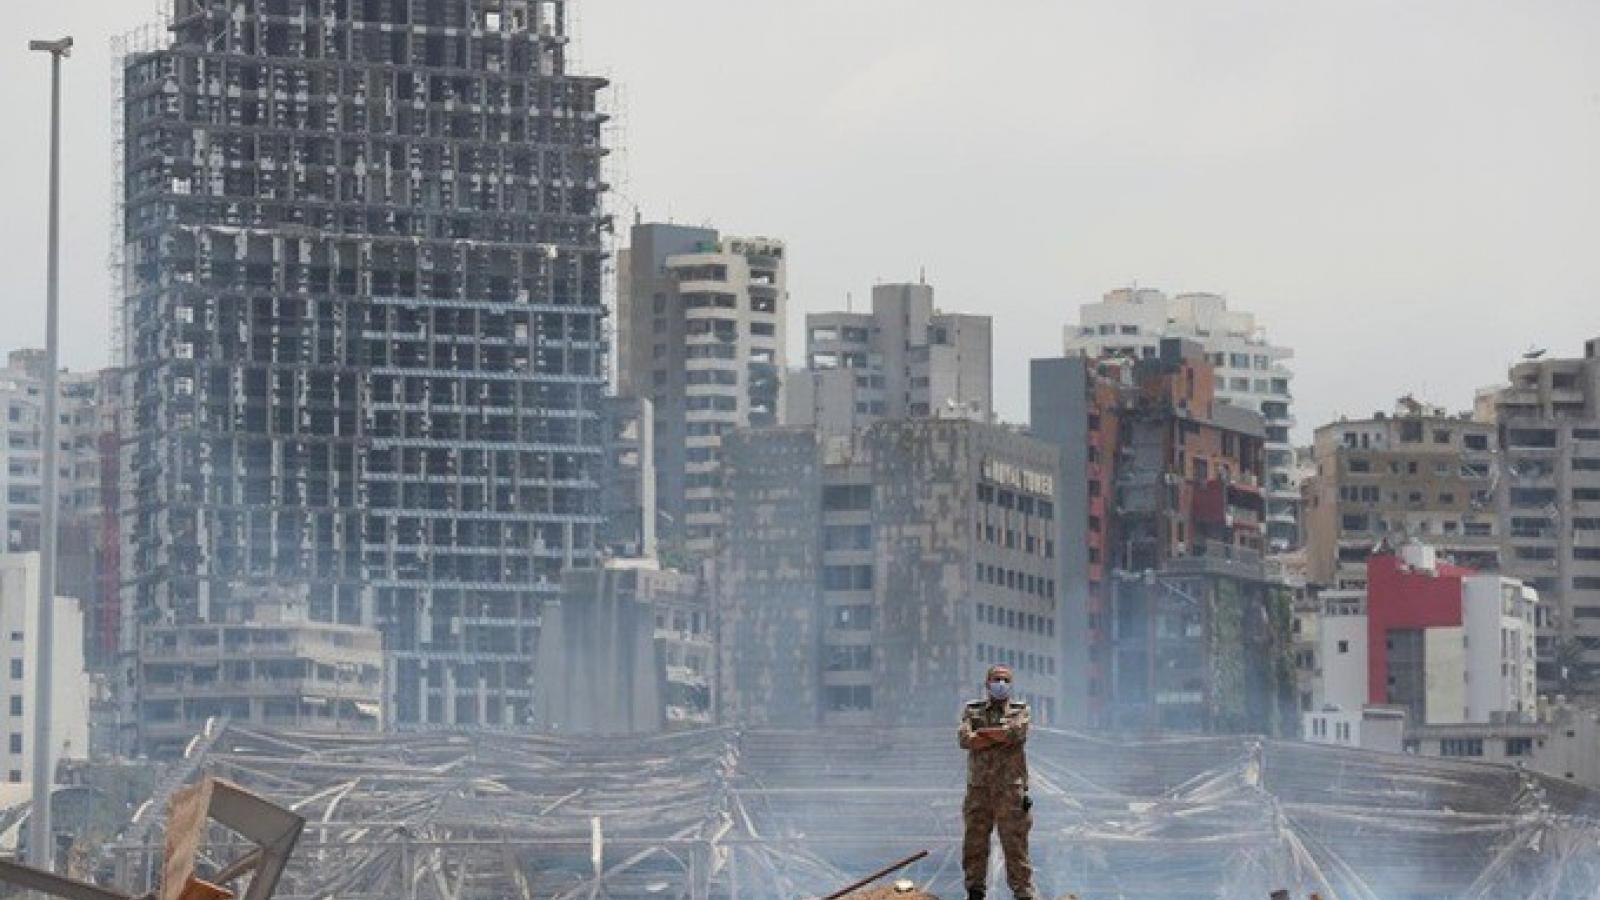 Chính phủ Lebanon đối mặt với sức ép cải cách sau vụ nổ kinh hoàng